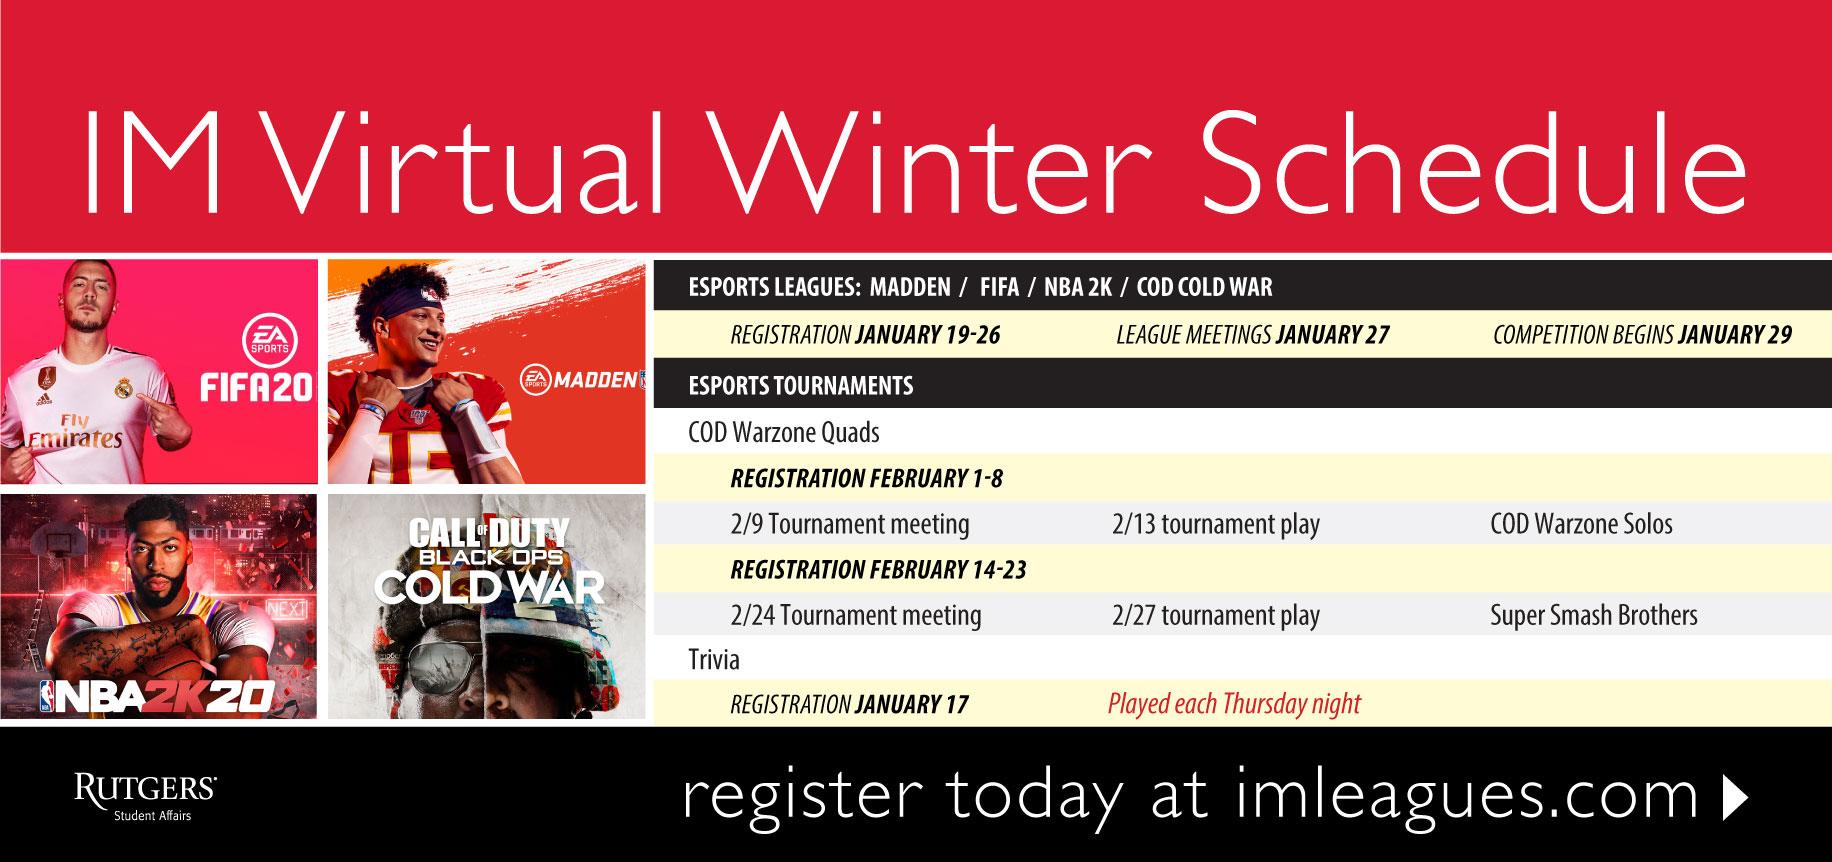 Rec_Intramurals_Winter_VirtualSchedule_S21